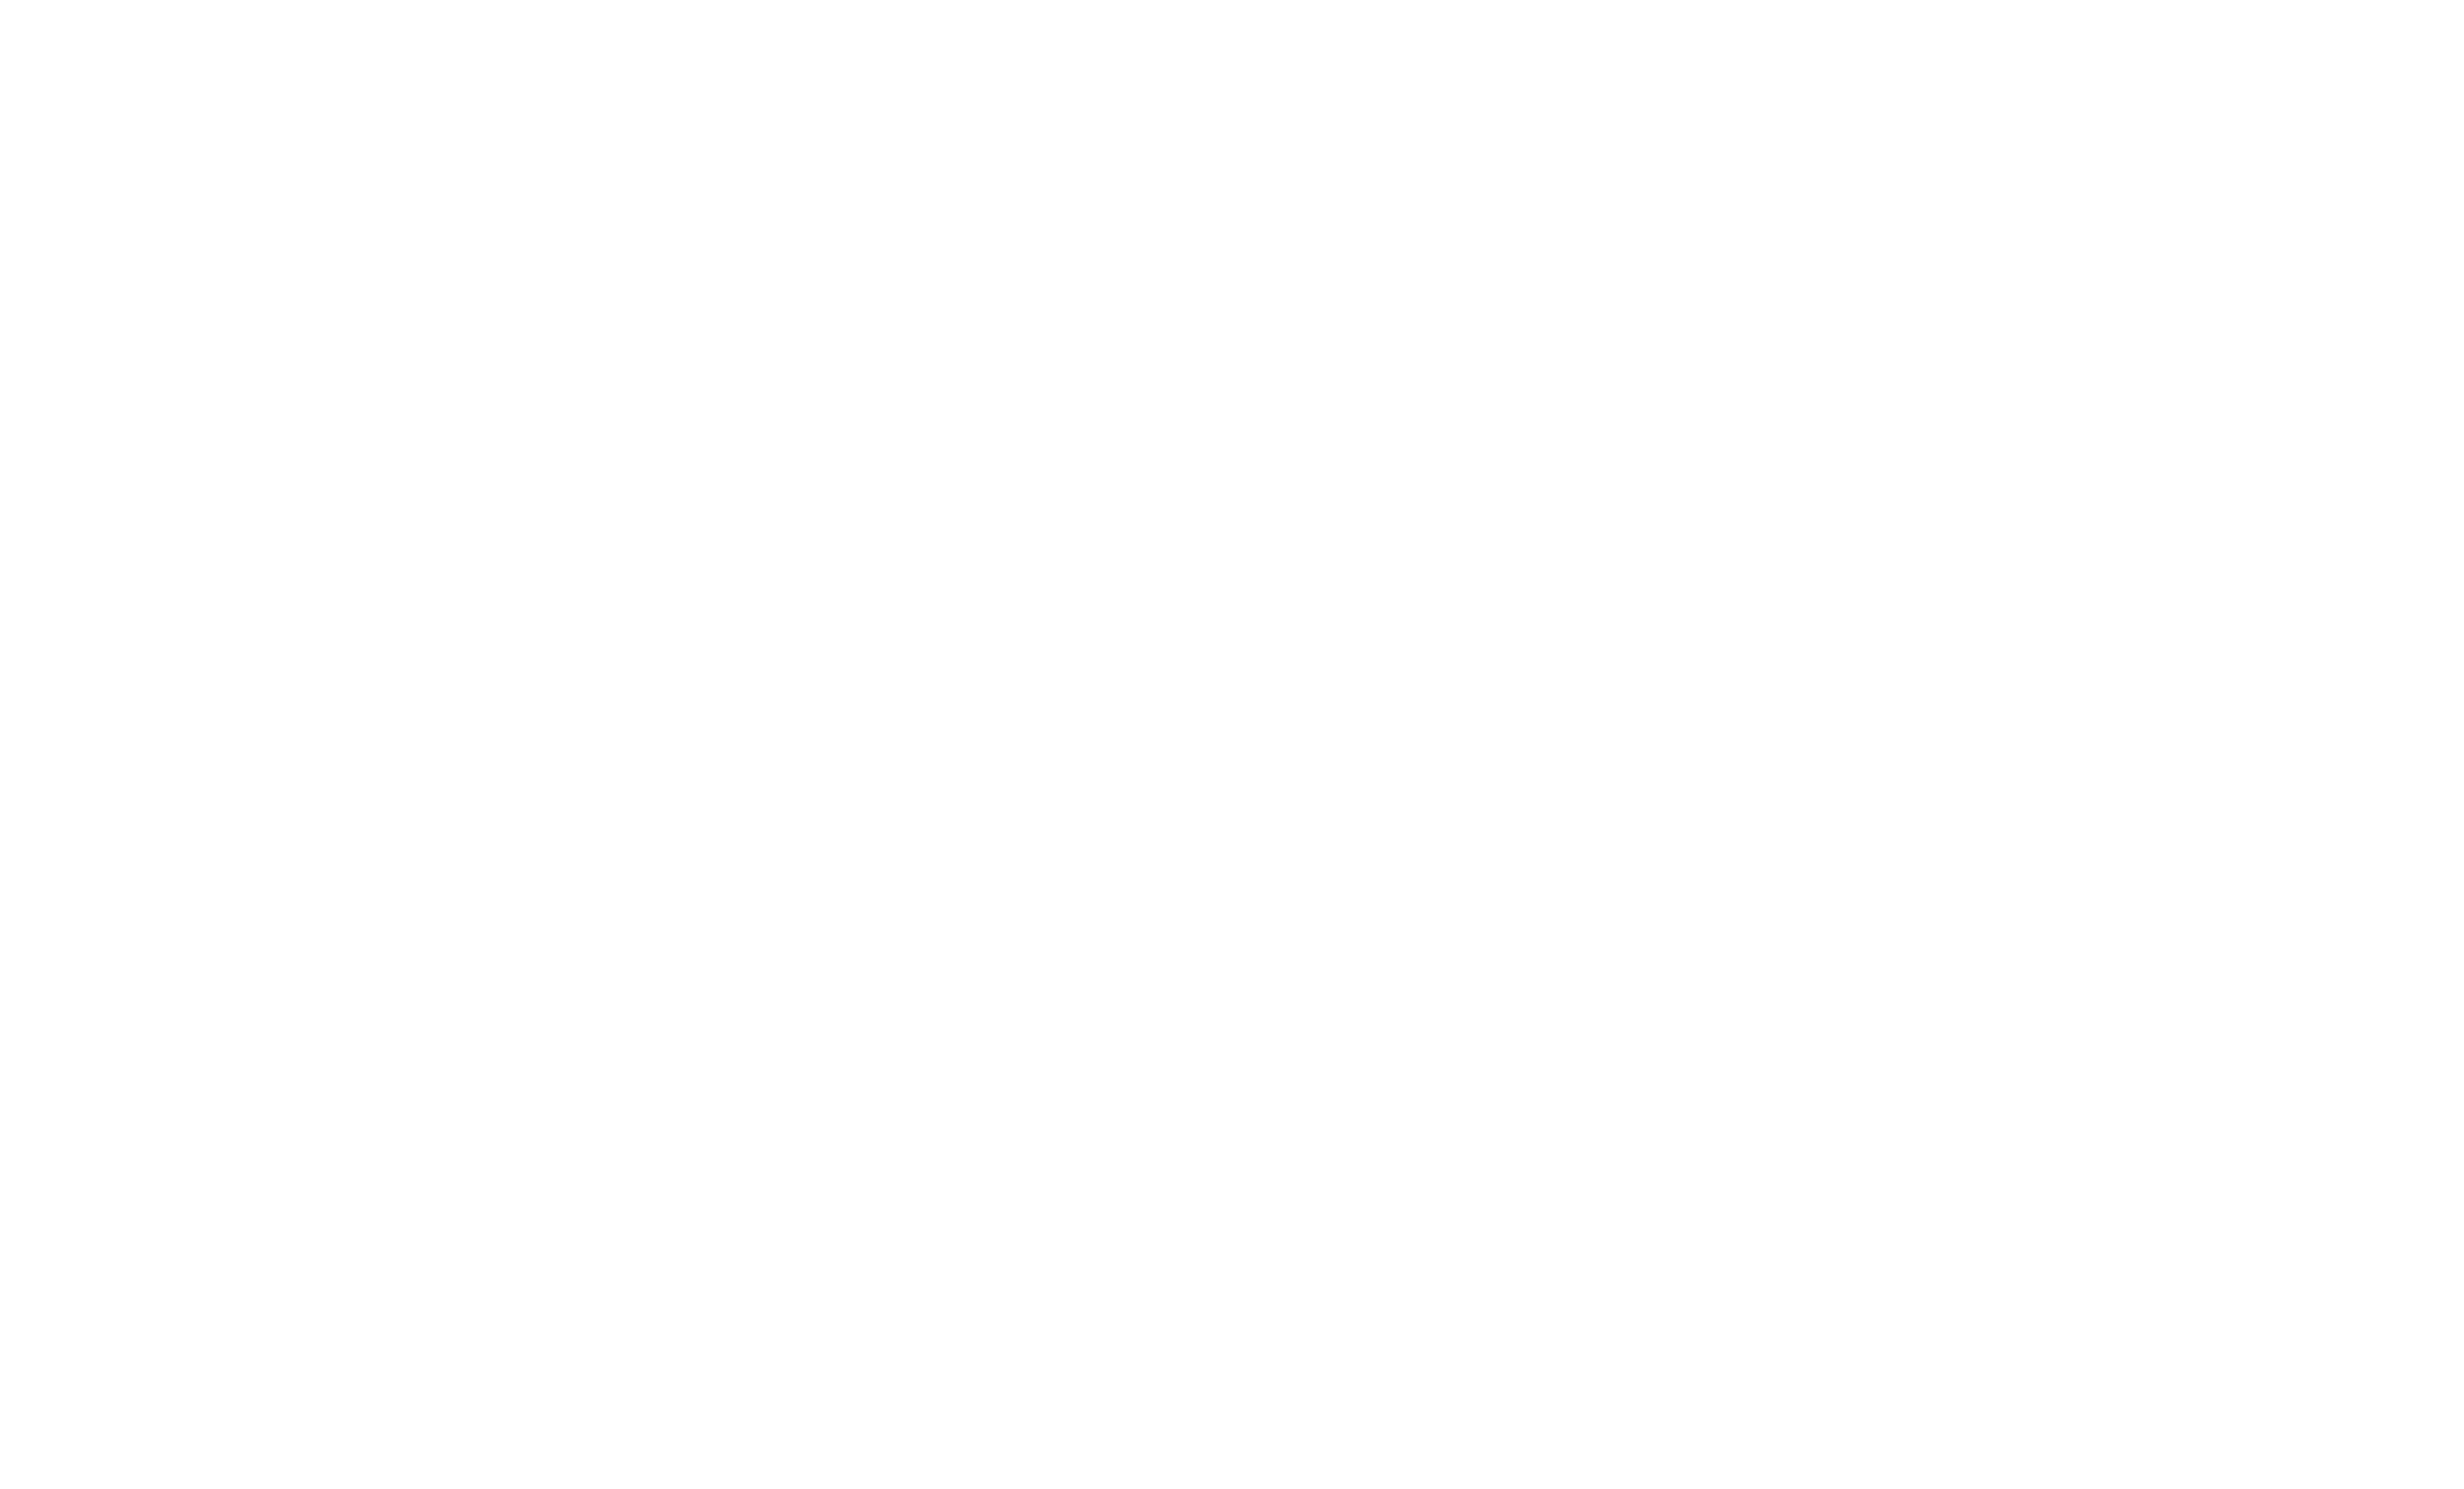 CoinHere logo-variation 2 - white (1)